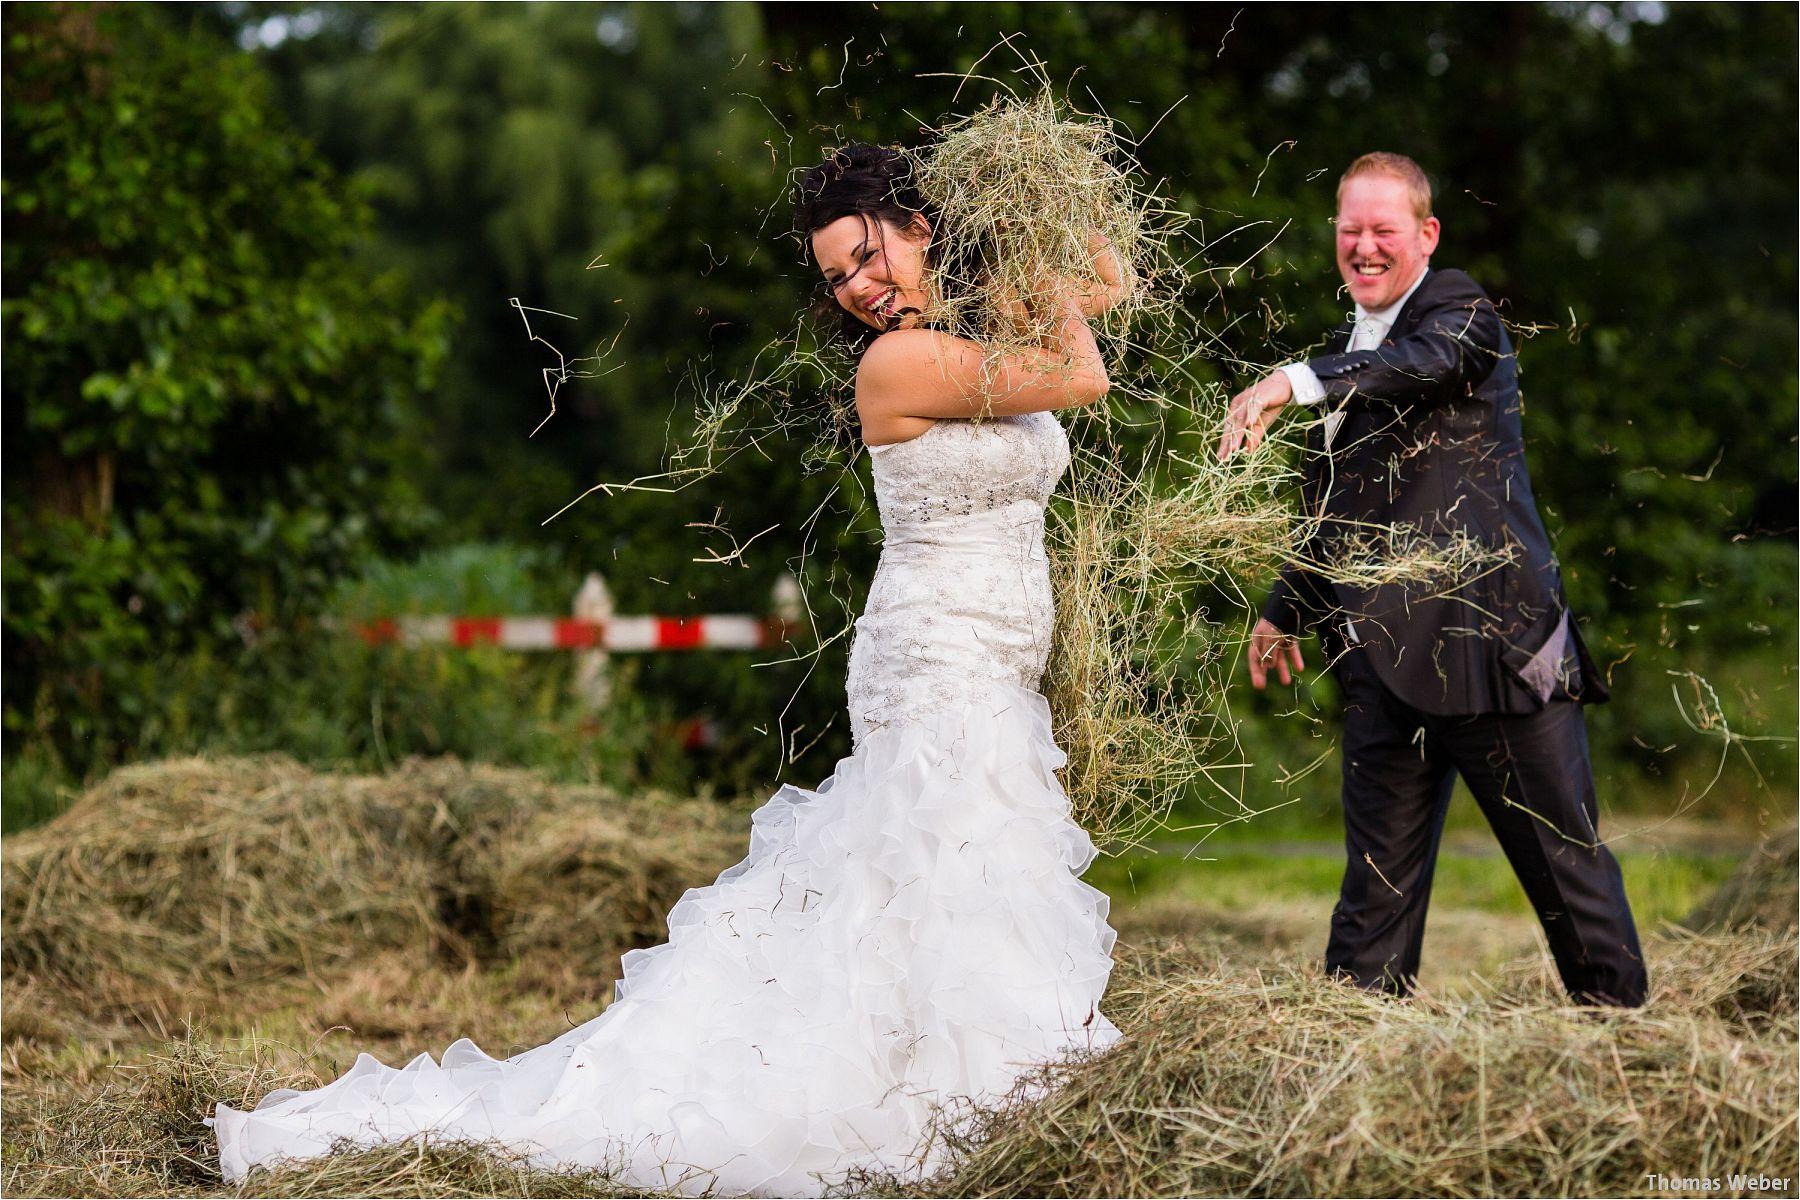 Hochzeitsfotograf Oldenburg: Hochzeitsportraits bei einem After Wedding Shooting am Nordsee-Strand von Dangast/Varel bei Sonnenuntergang (7)